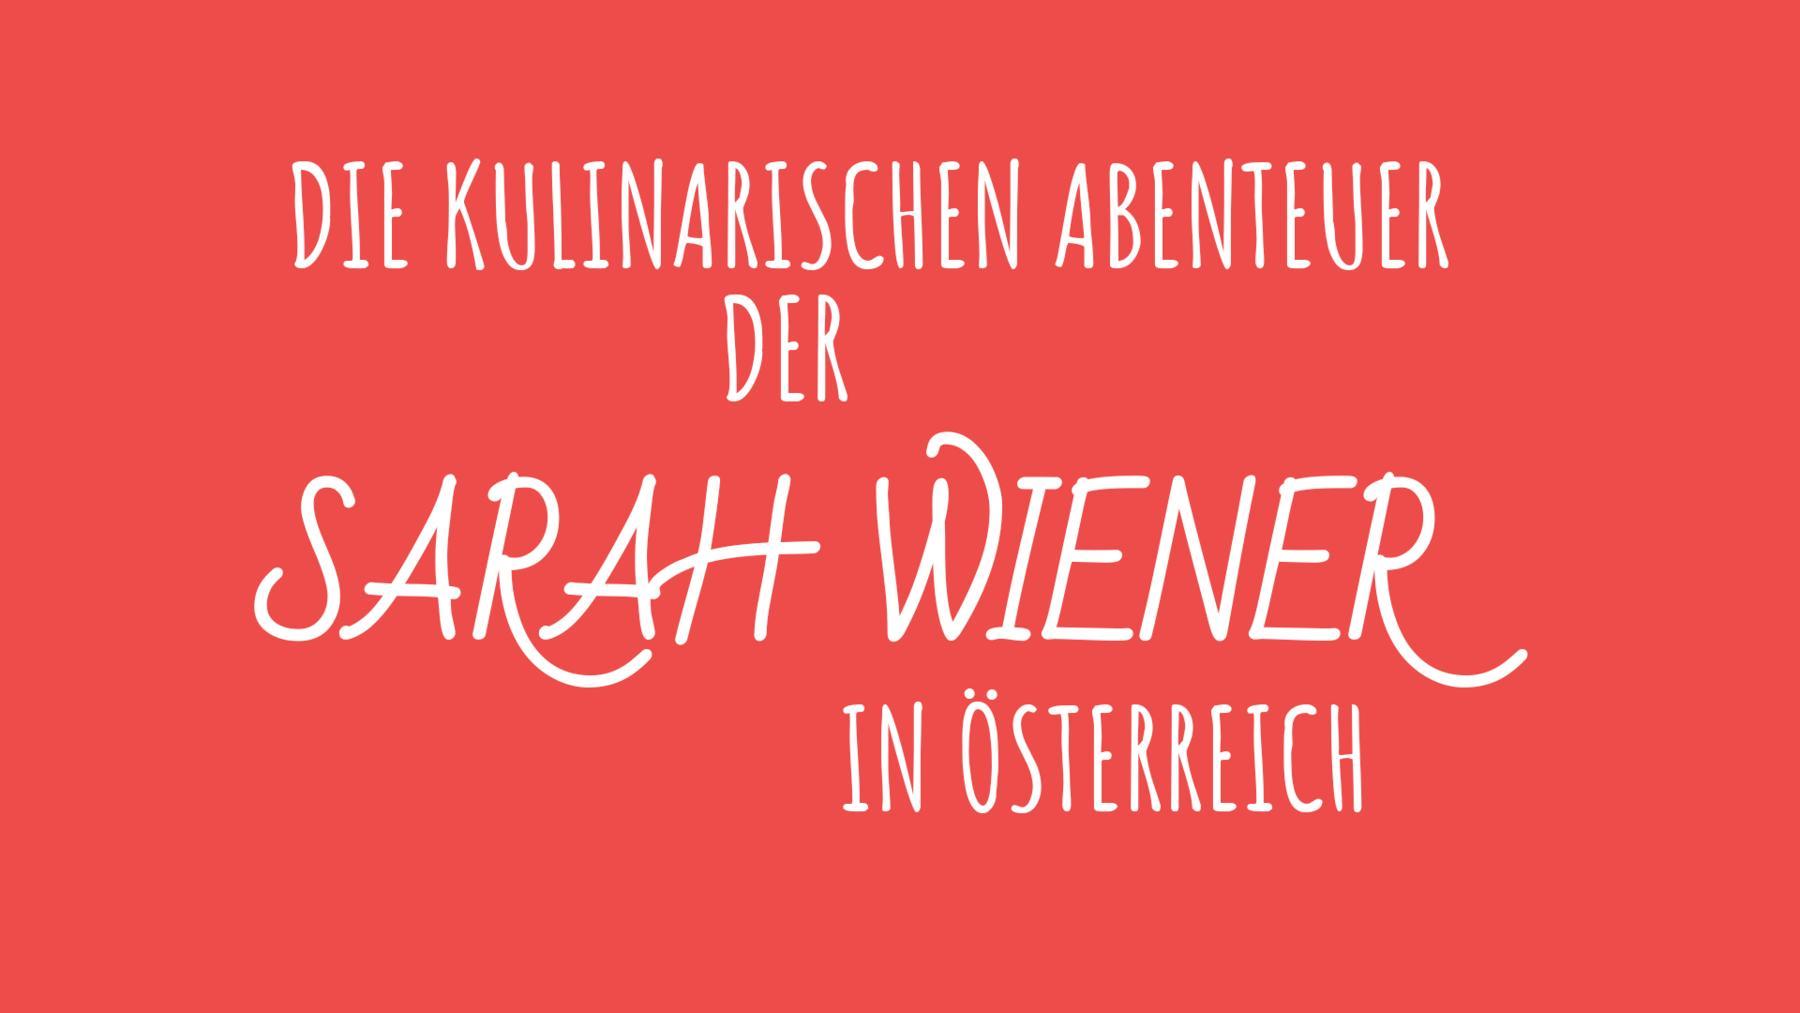 Die kulinarischen Abenteuer der Sarah Wiener in Österreich